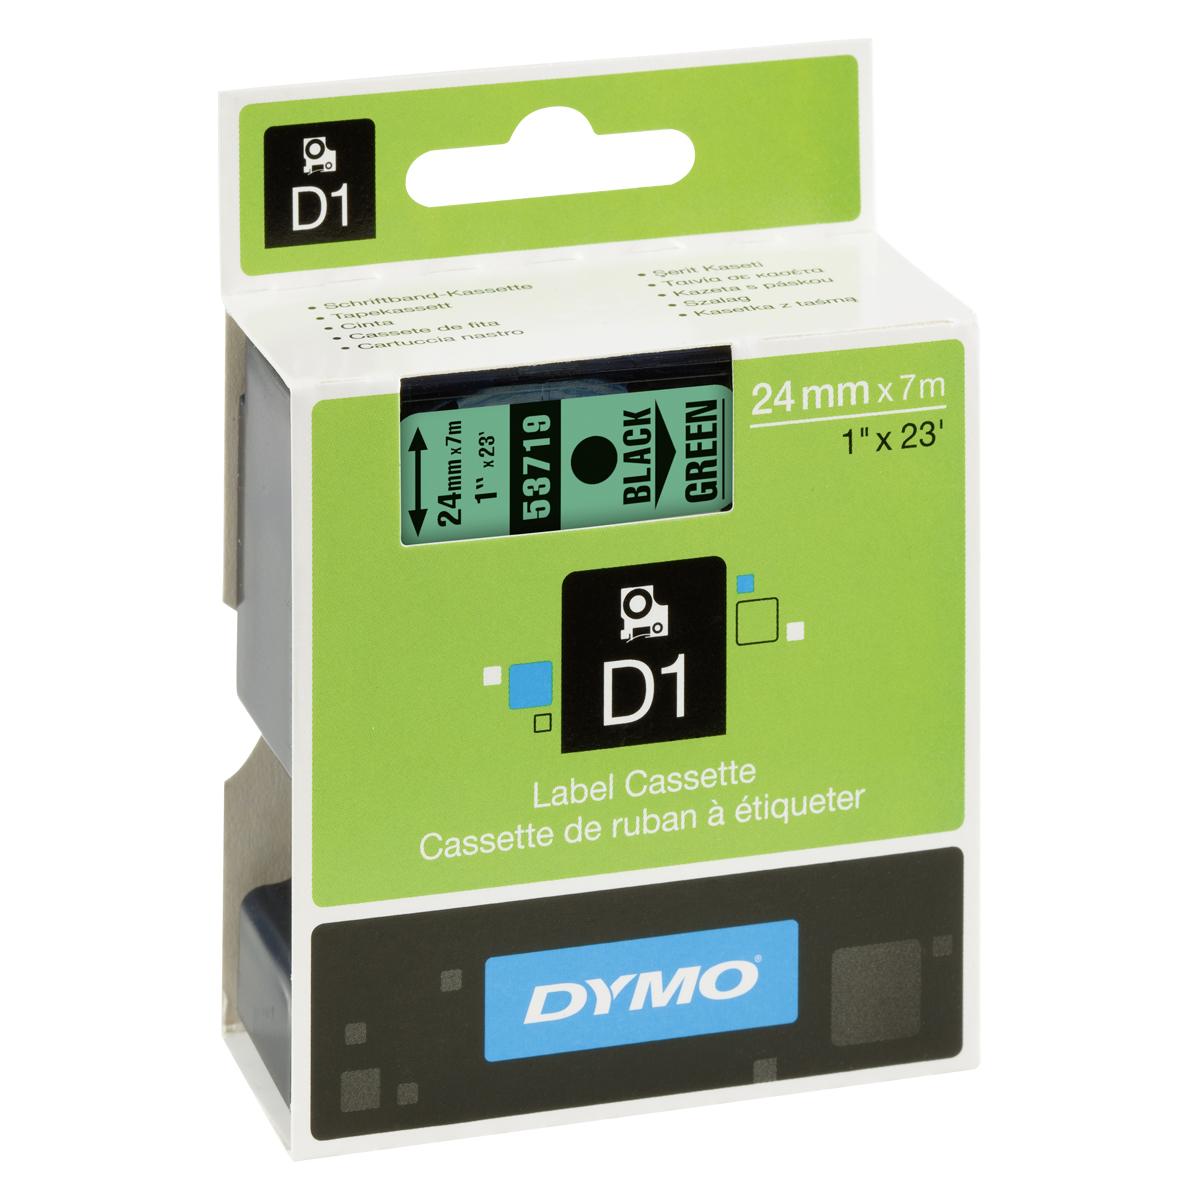 Dymo D1-Schriftband 24mm x 7m schwarz auf grün